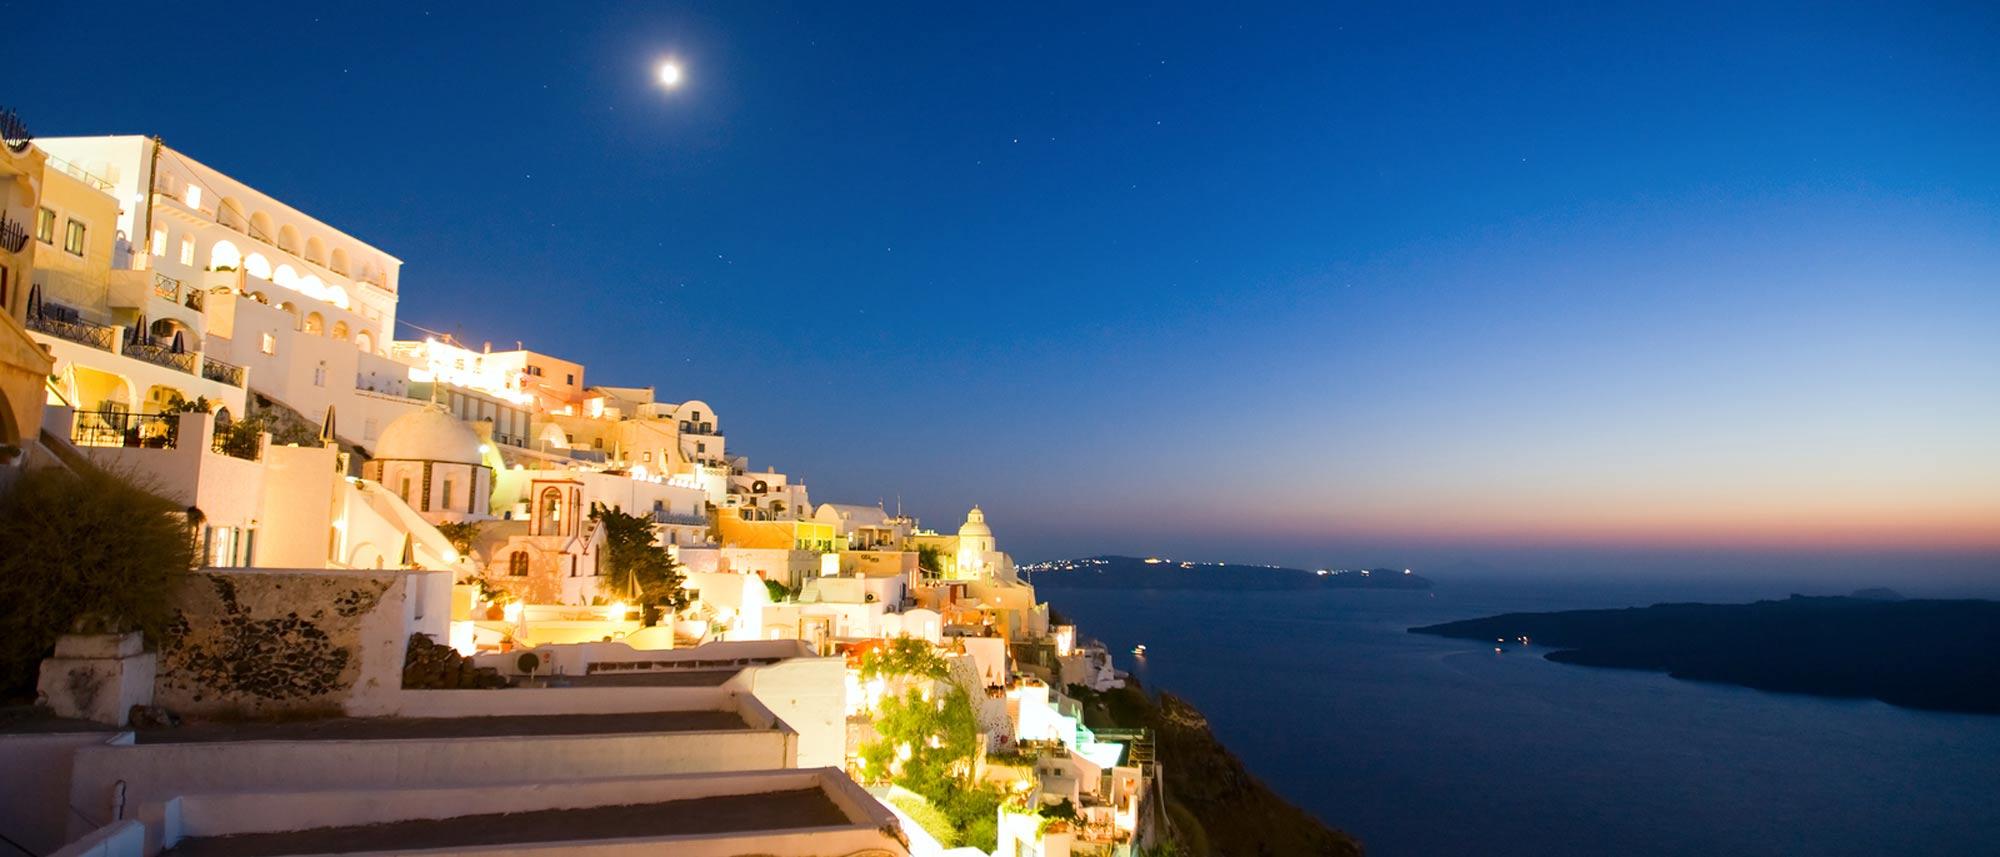 OAGH - HIKING THE GREEK ISLES